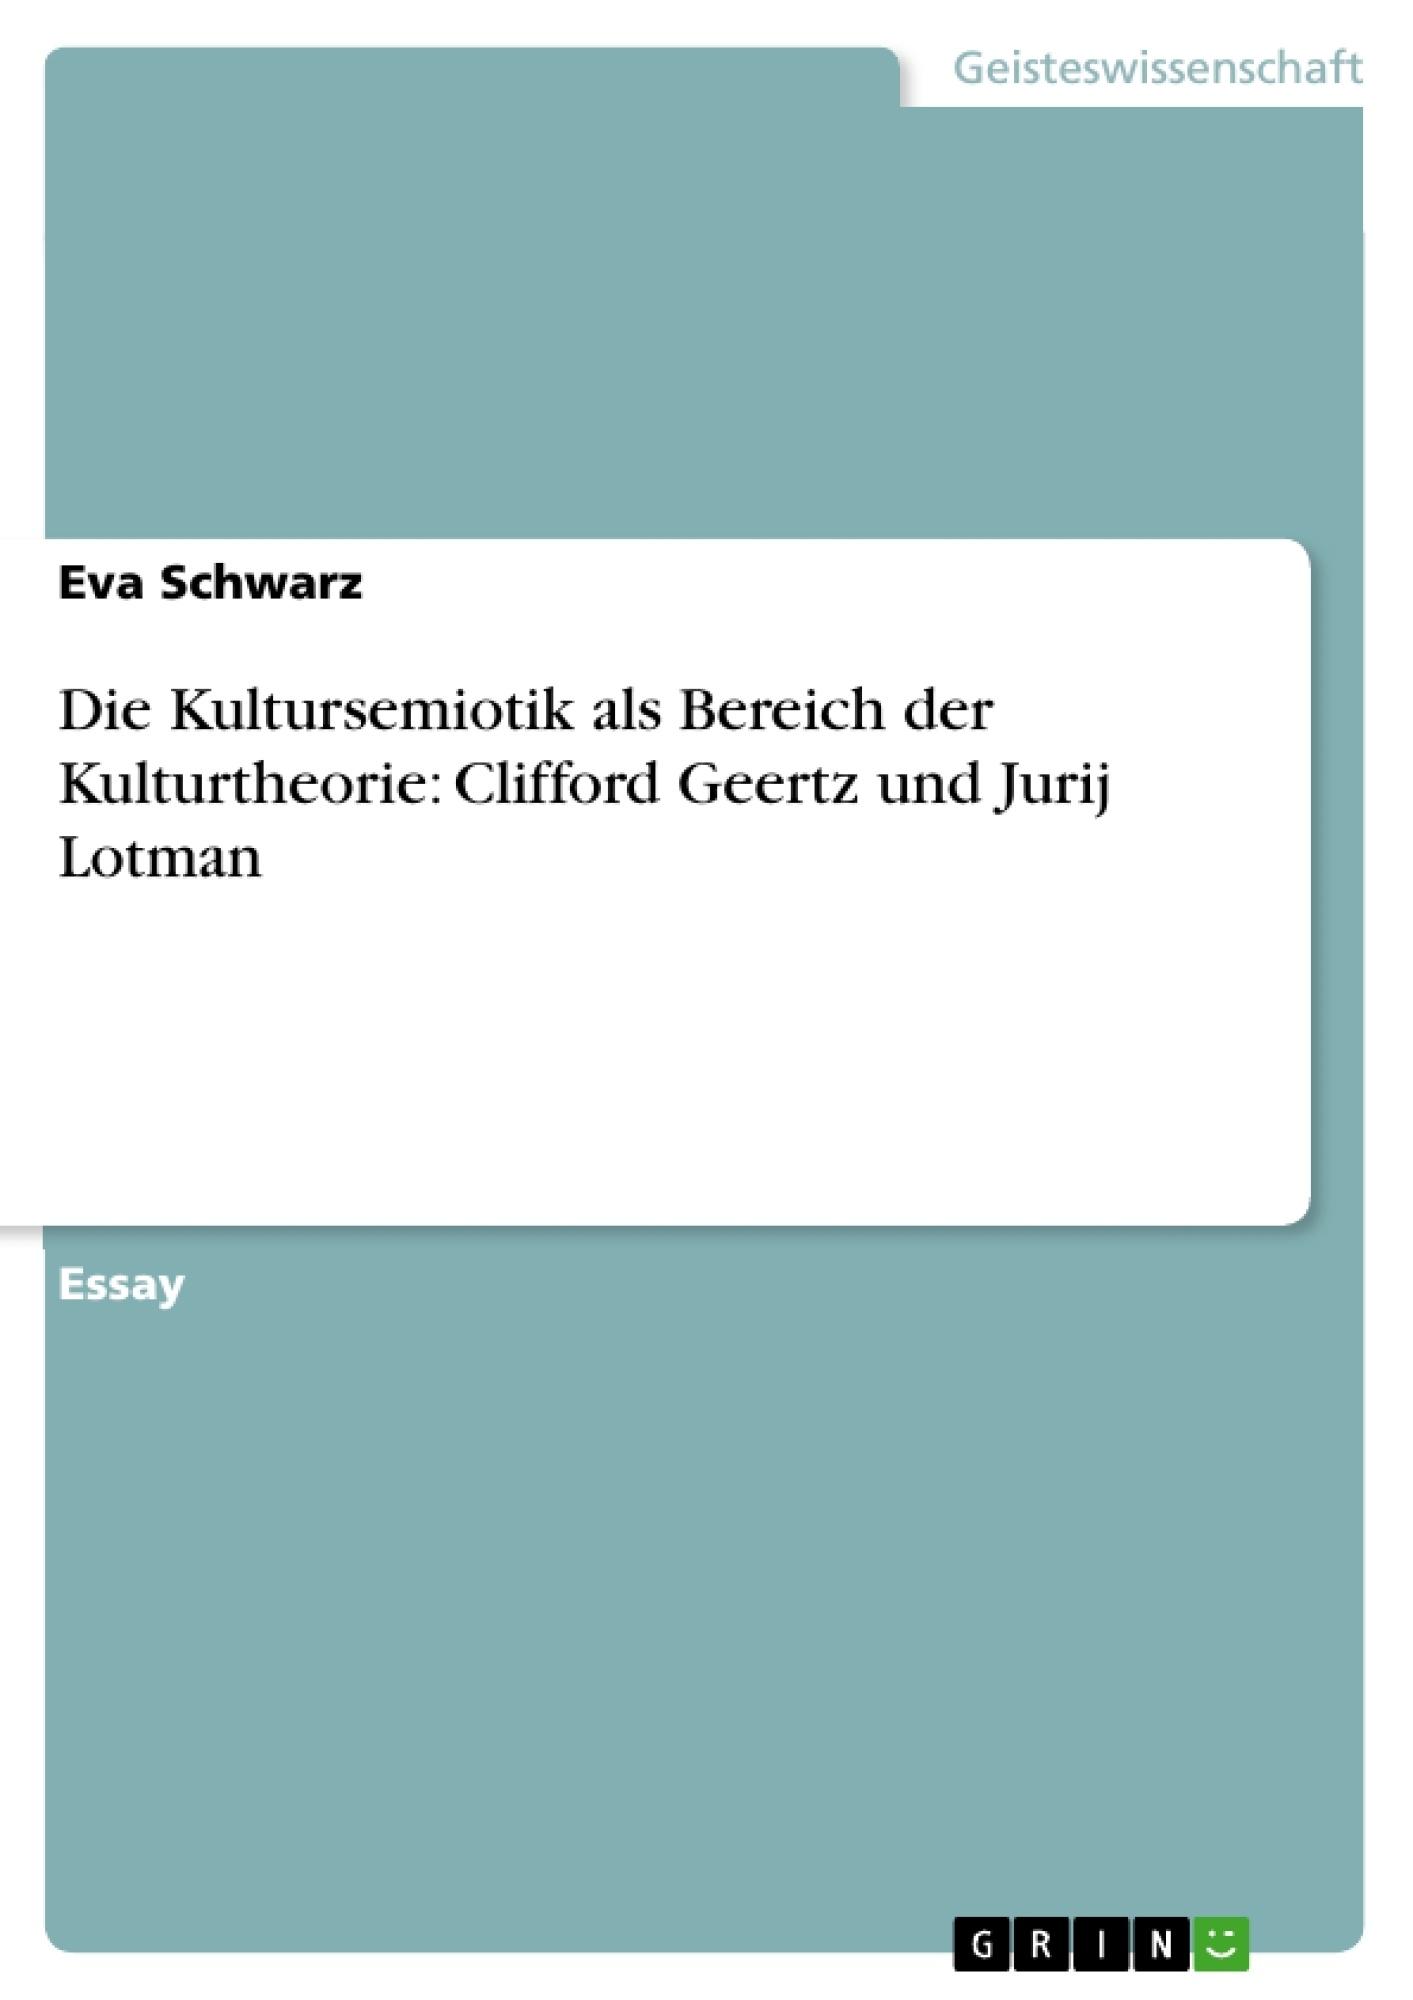 Titel: Die Kultursemiotik als Bereich der Kulturtheorie: Clifford Geertz und Jurij Lotman